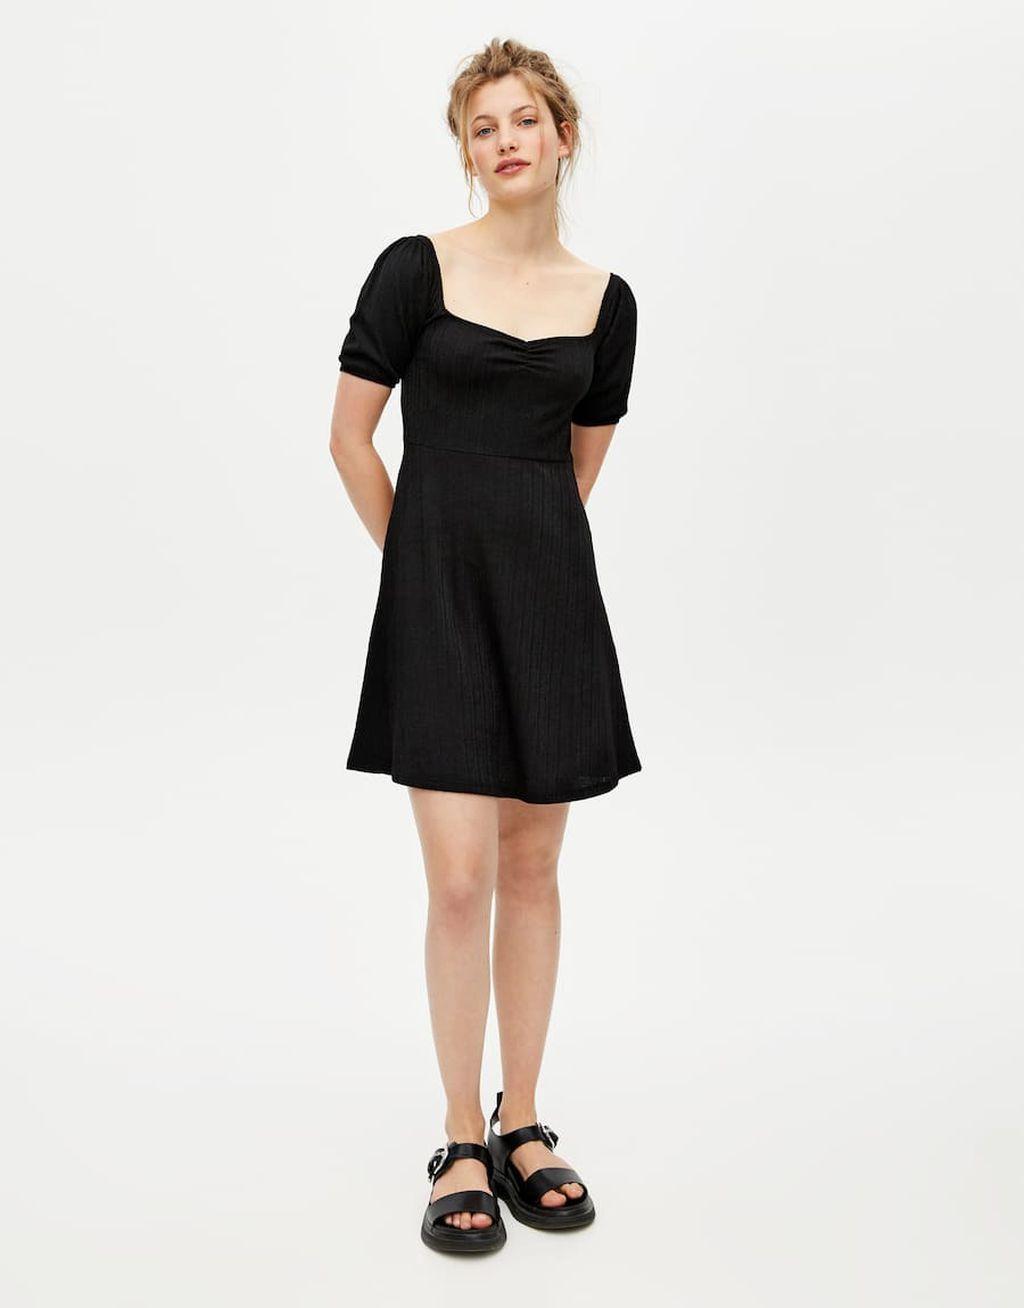 Mala crna haljina iz trgovina na popustu 2019. - 3